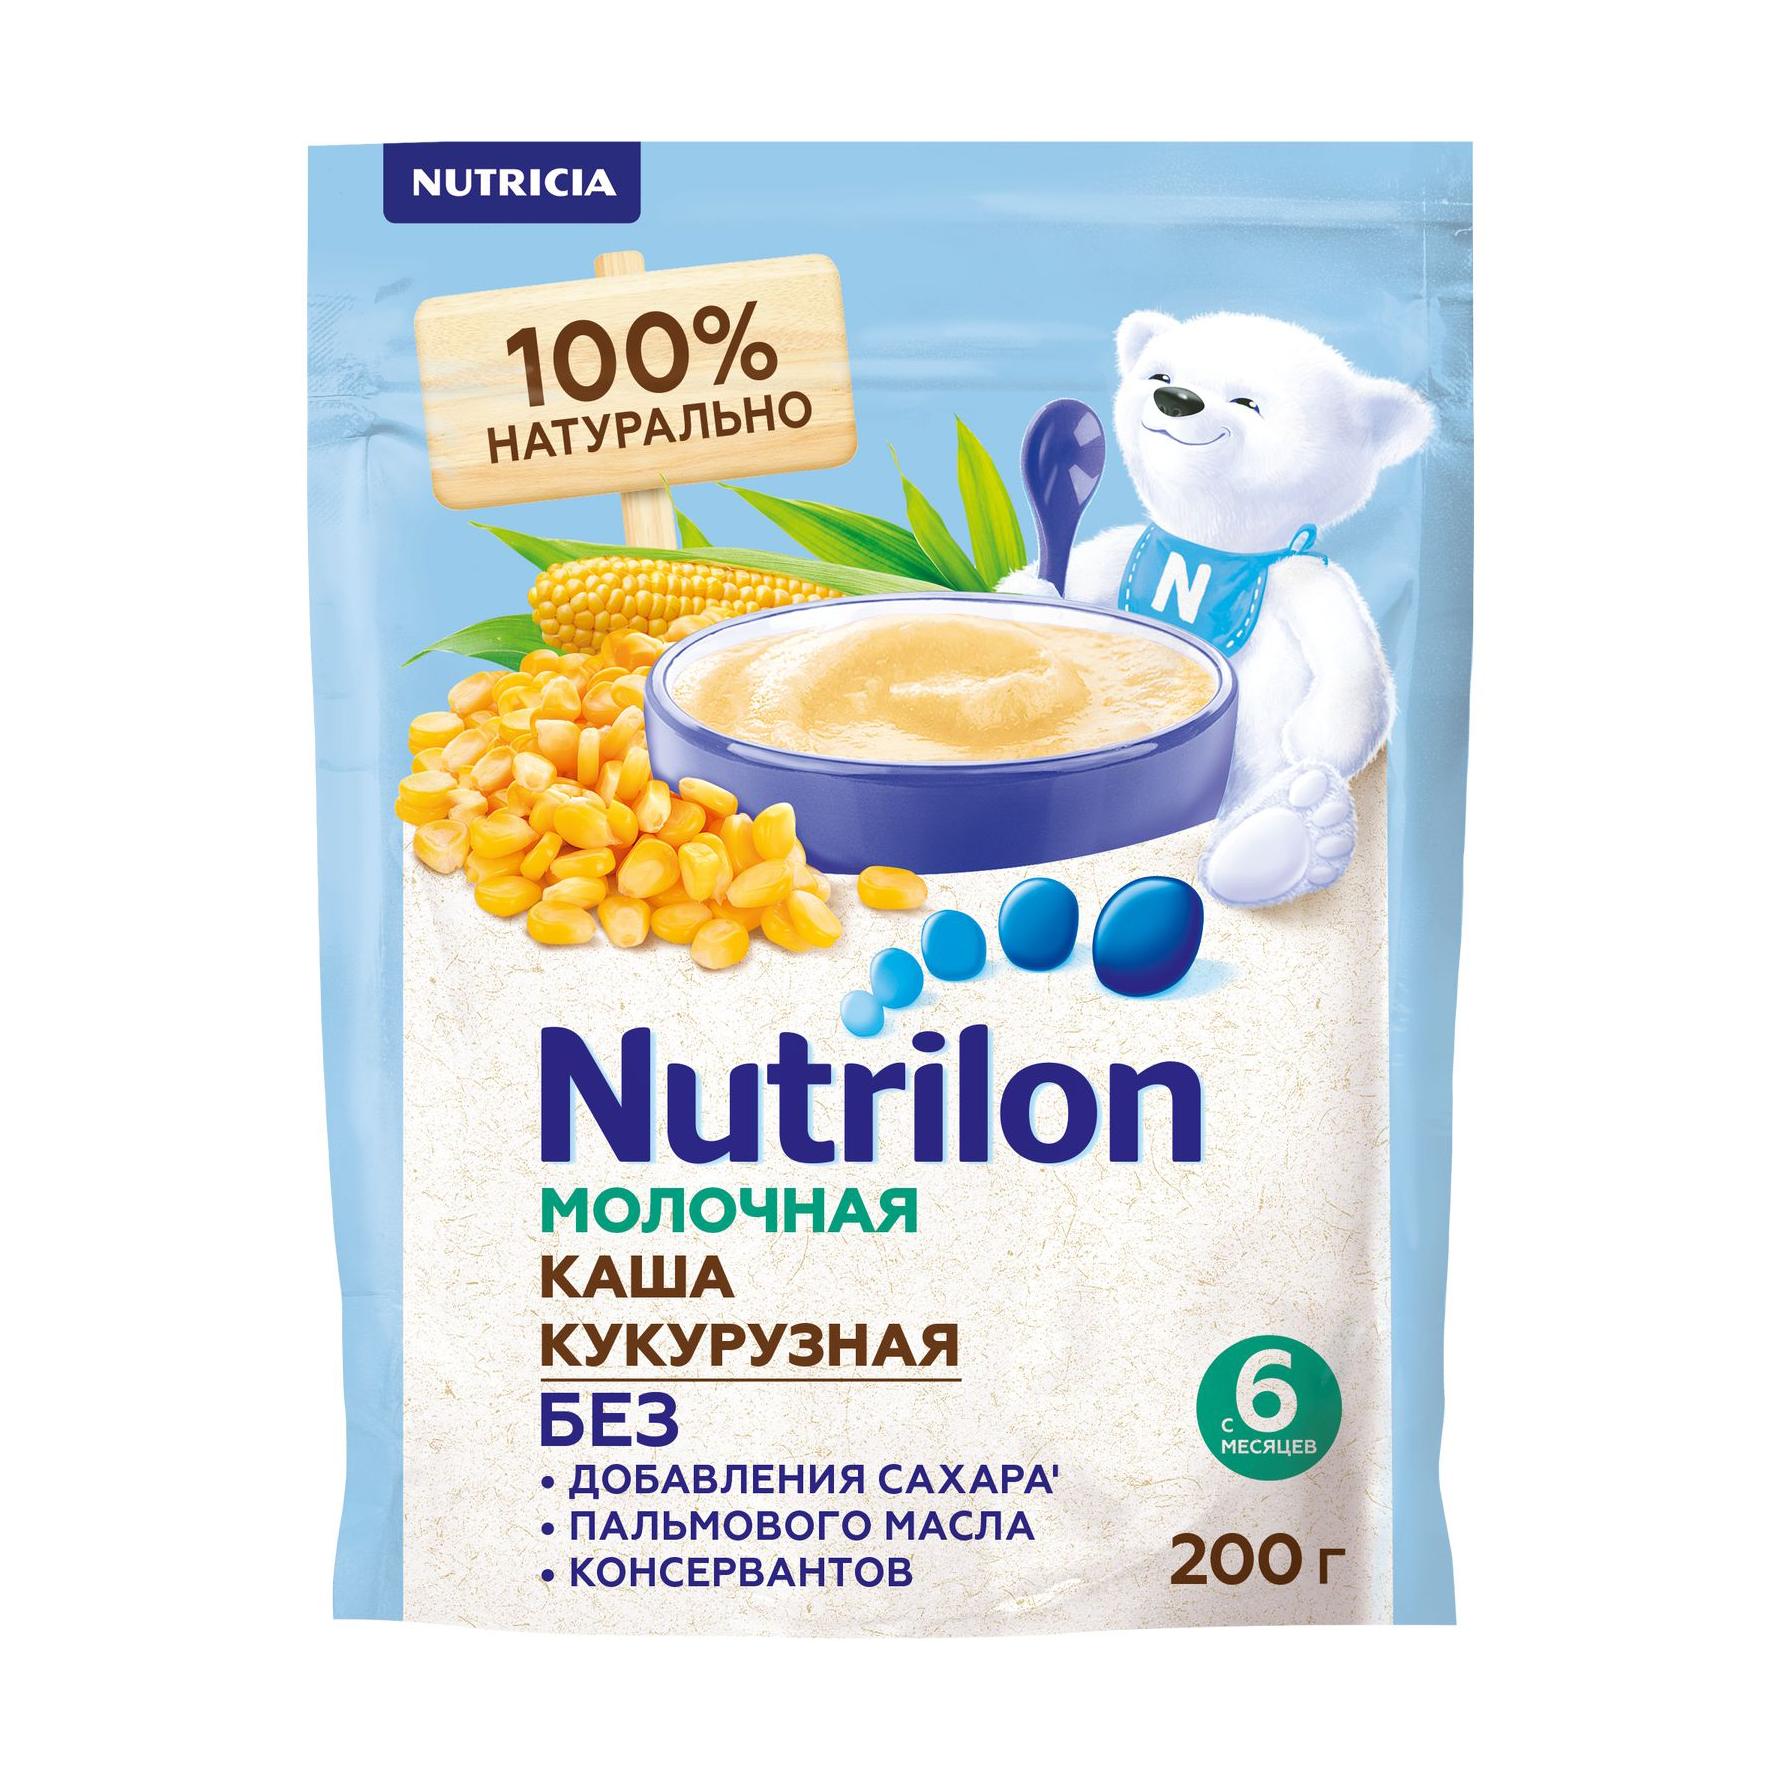 Фото - Каша Nutrilon молочная кукурузная с 6 месяцев 200 г каша nutrilon молочная гречневая с 6 месяцев 200 г